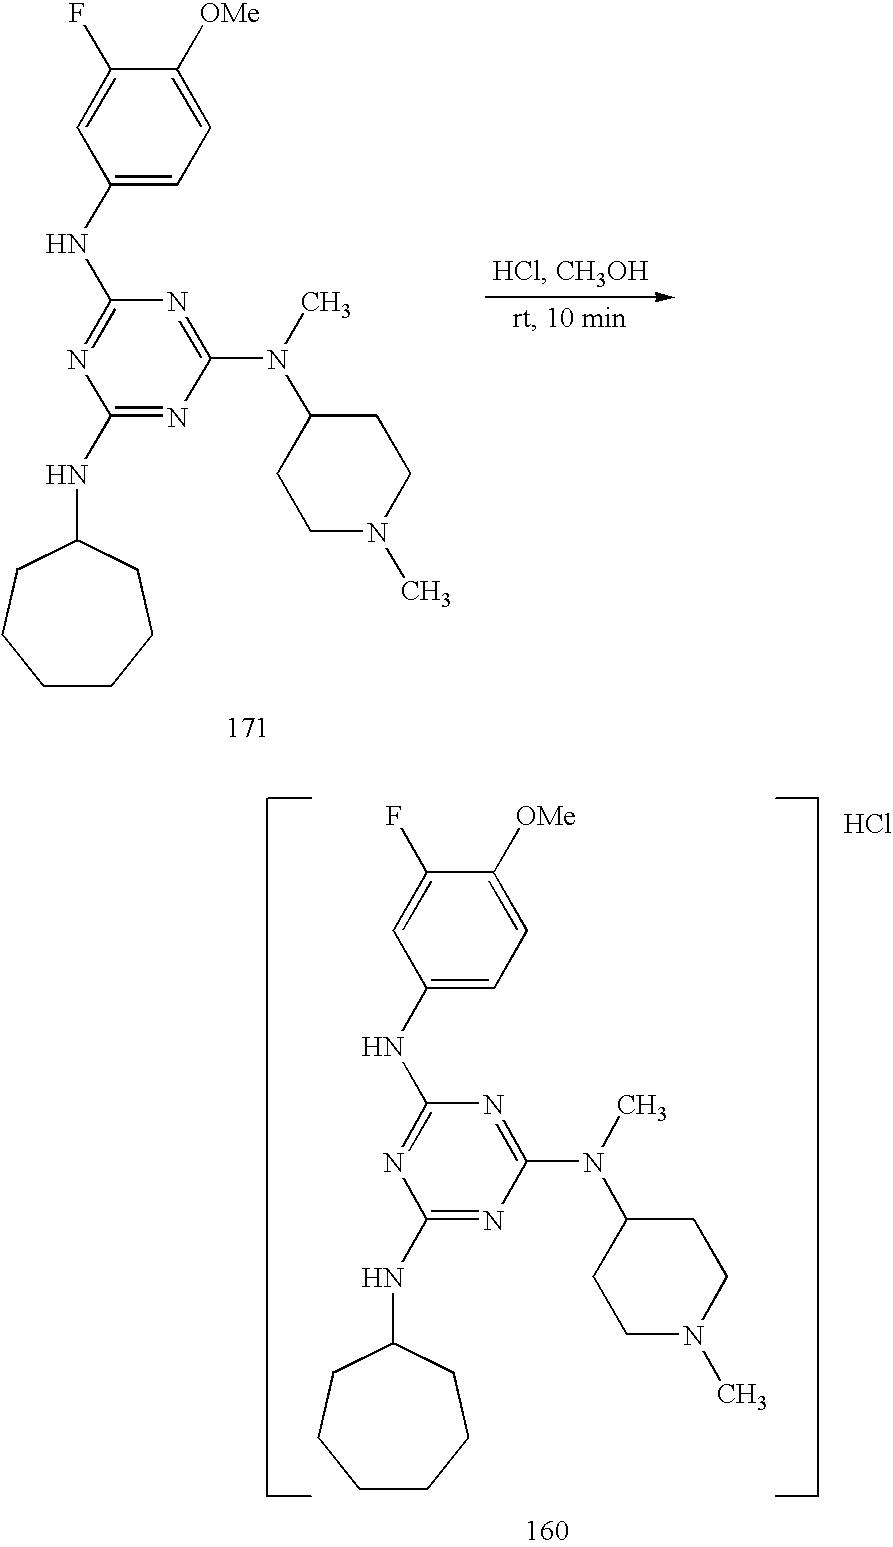 Figure US20050113341A1-20050526-C00182